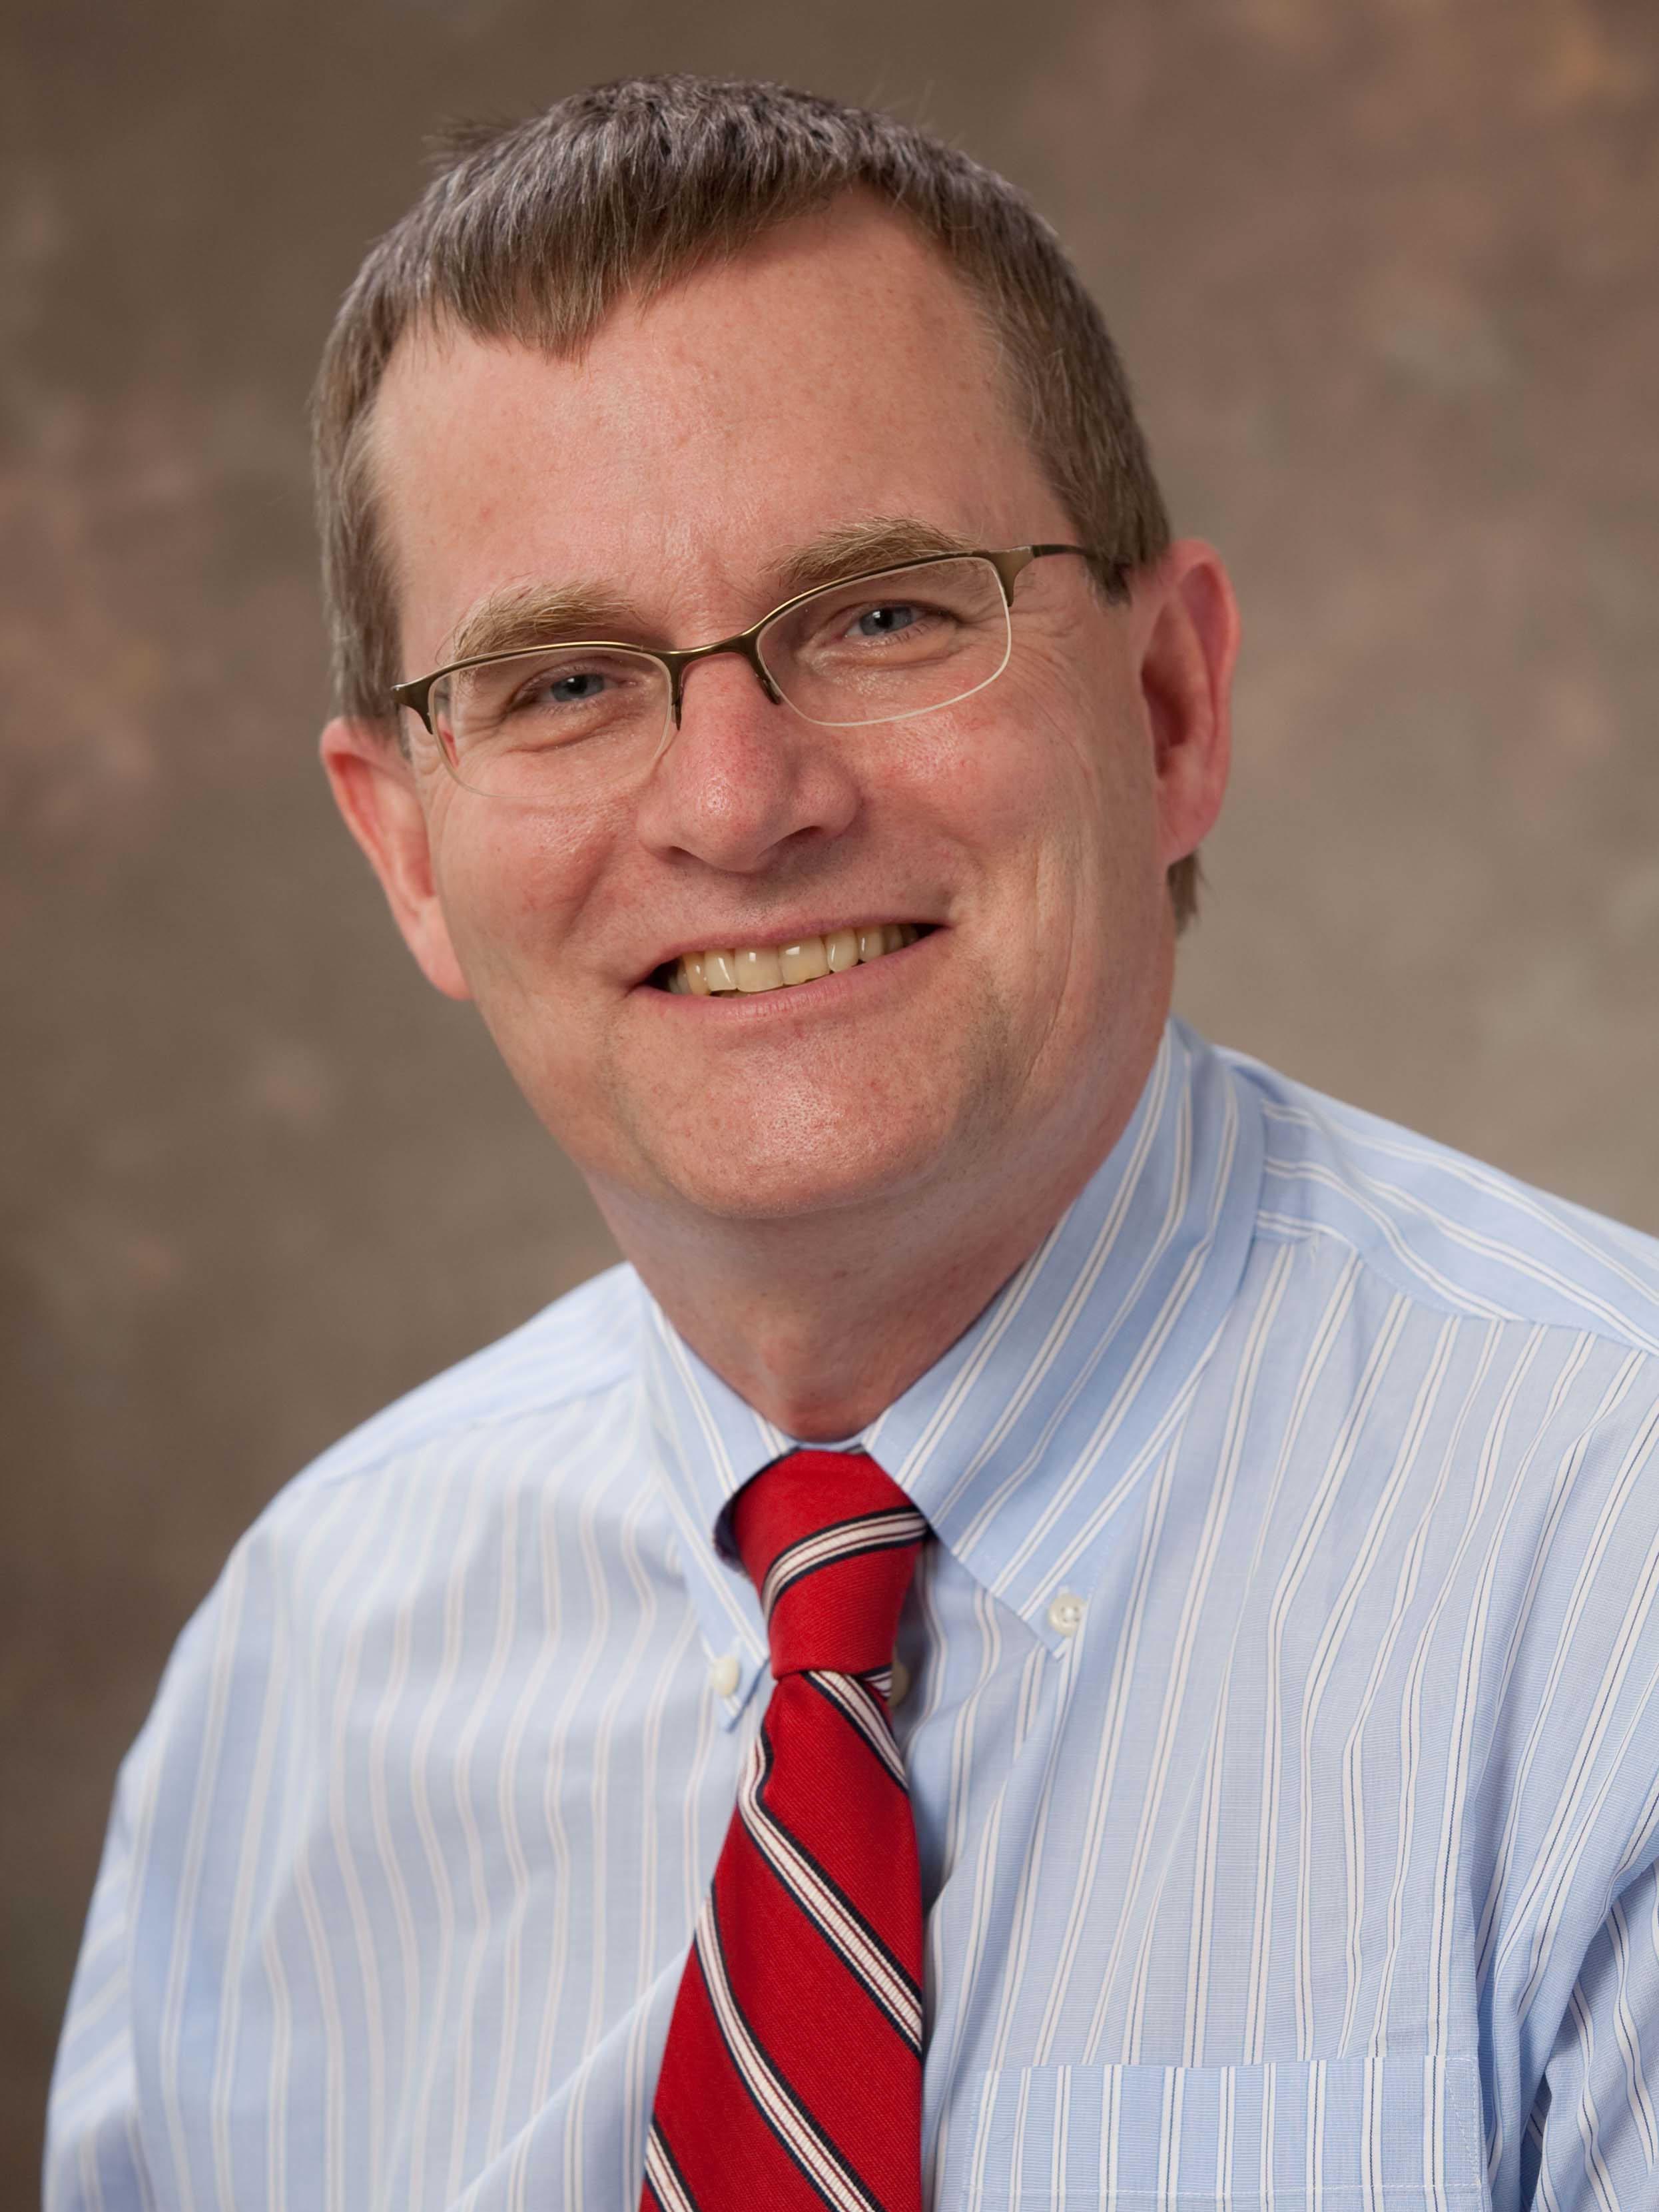 Lars Helgeson